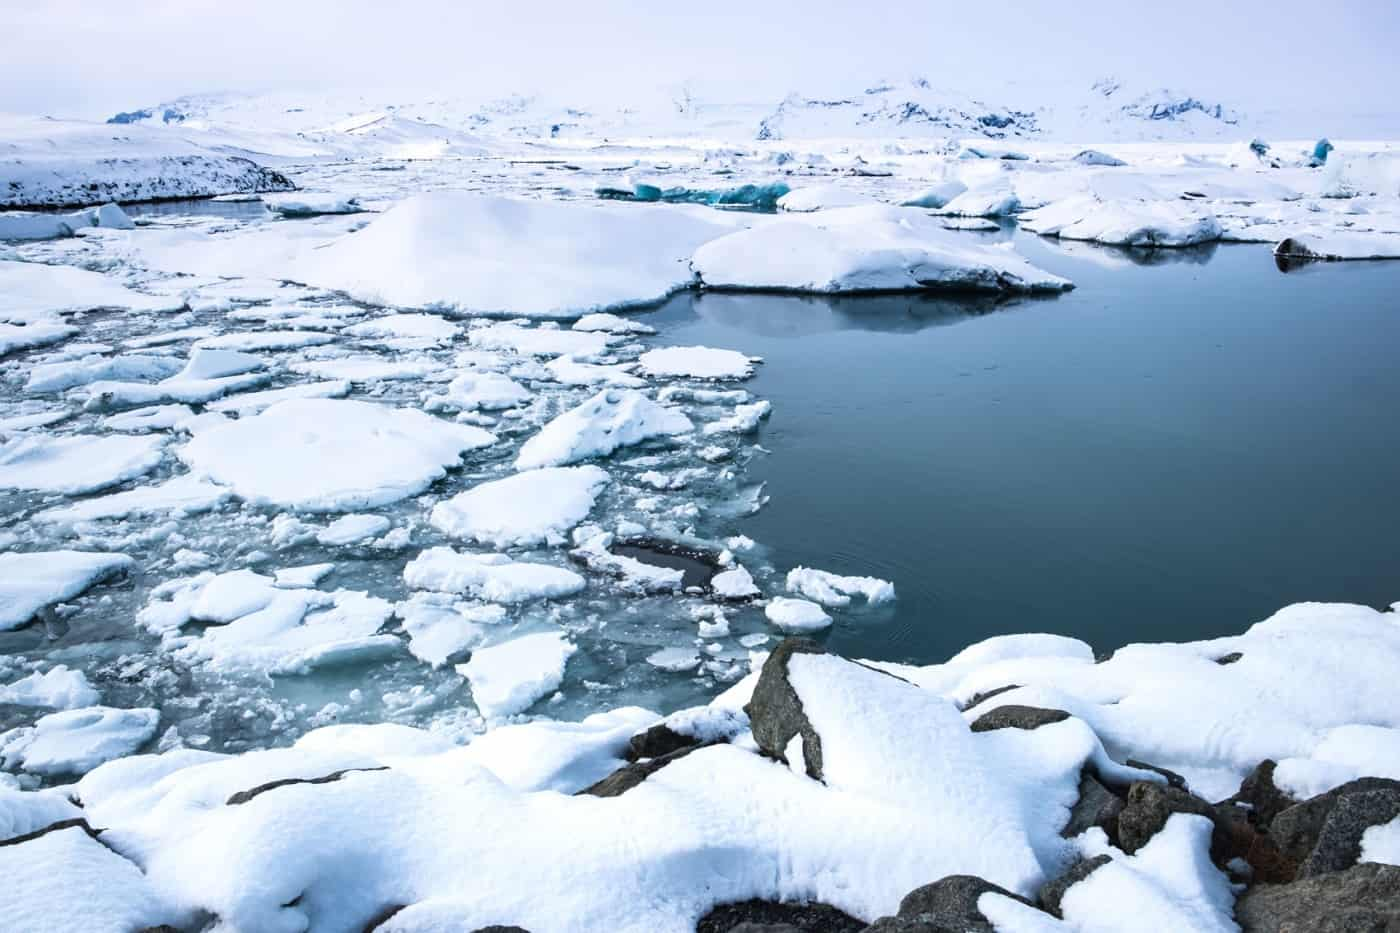 visitar islandia no inverno